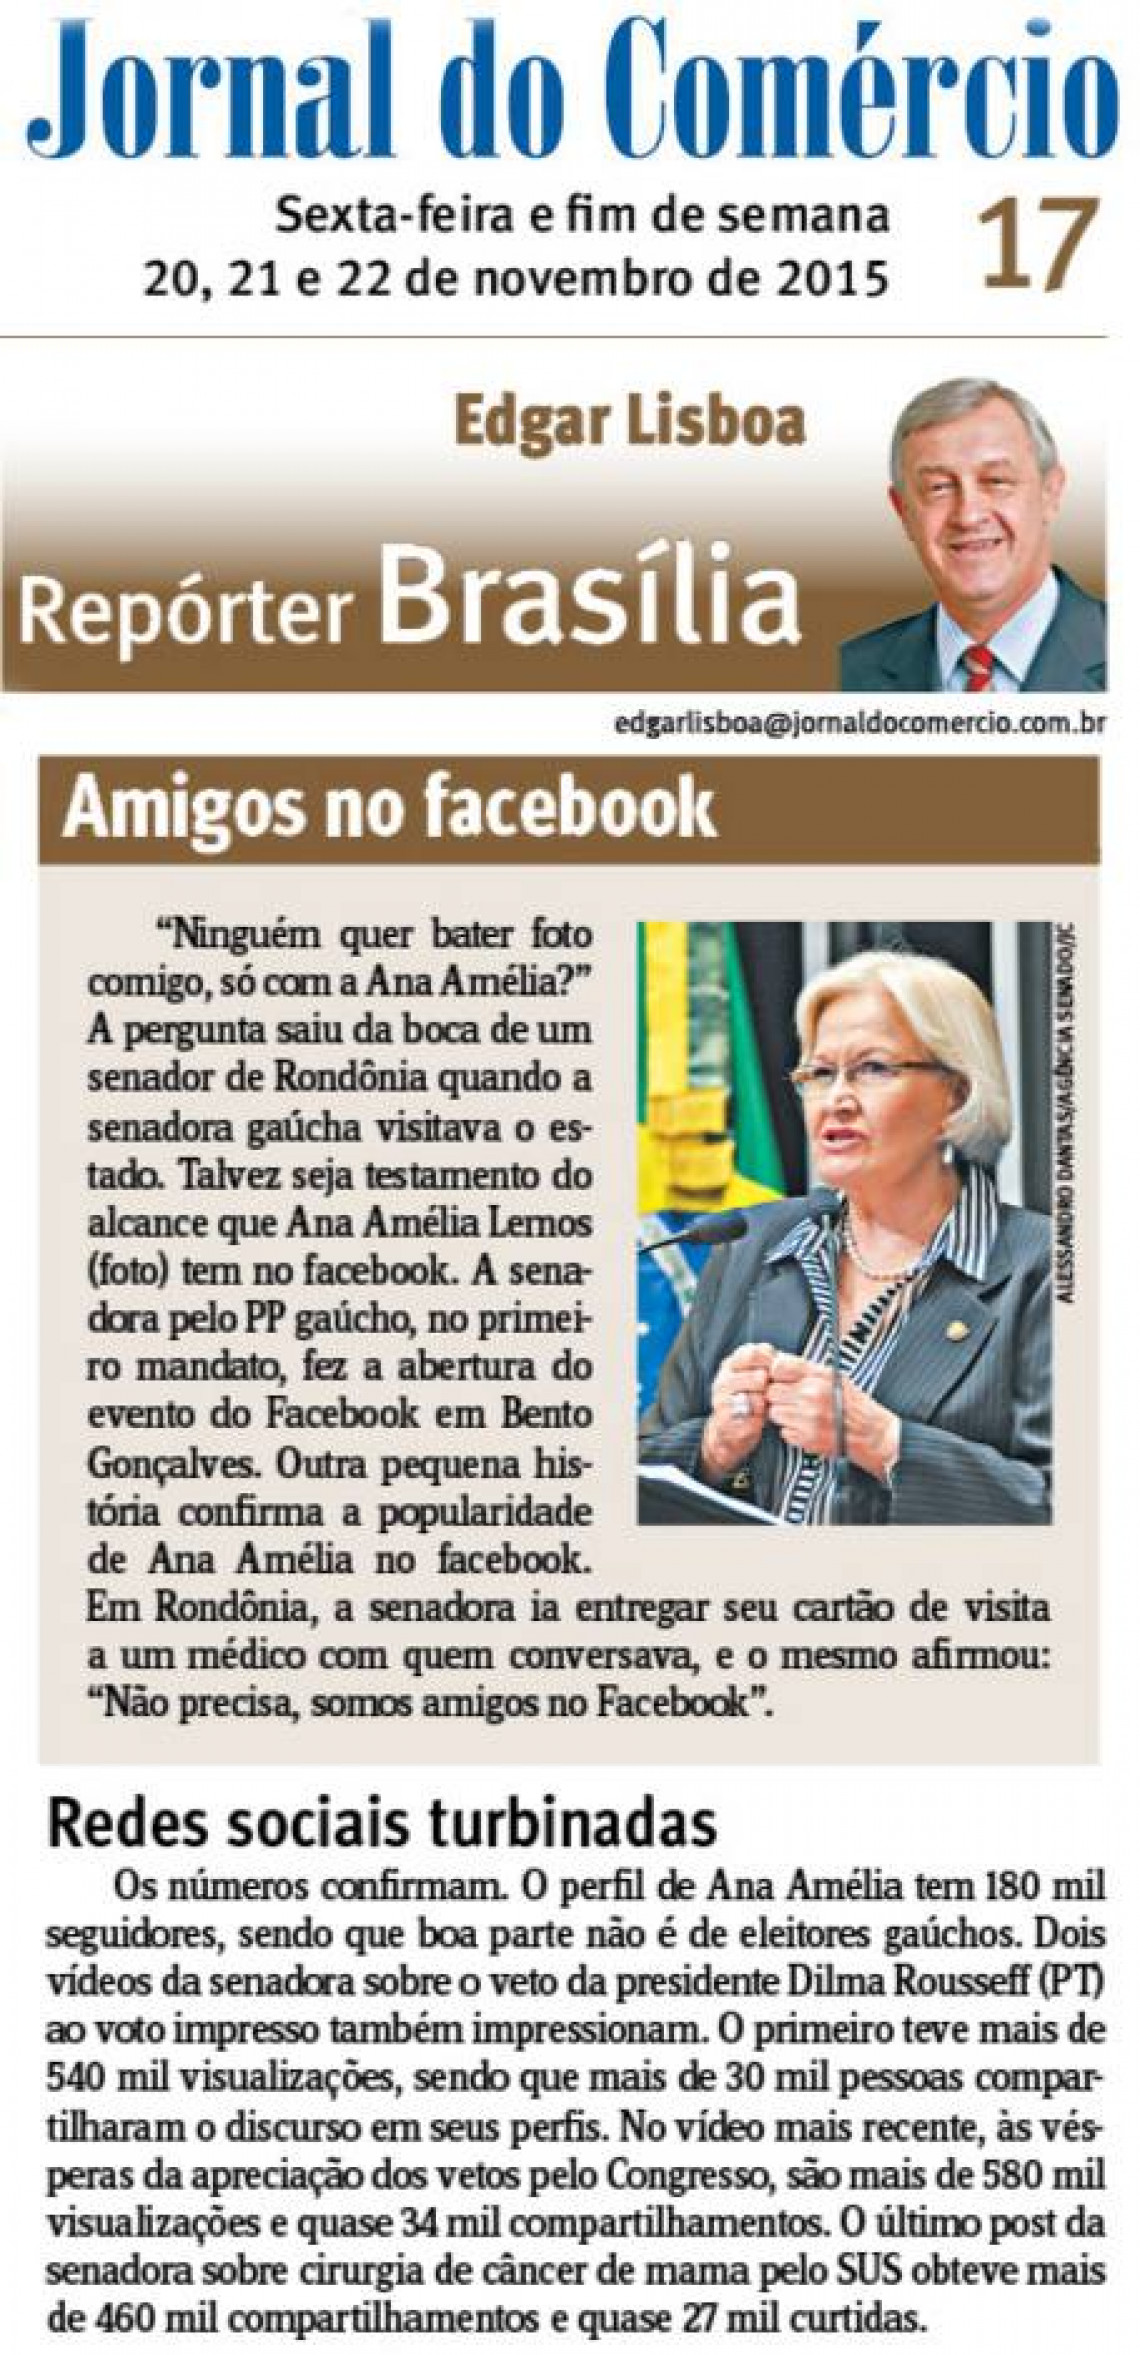 Jornal do Comércio: Edgar Lisboa - Amigos no facebook